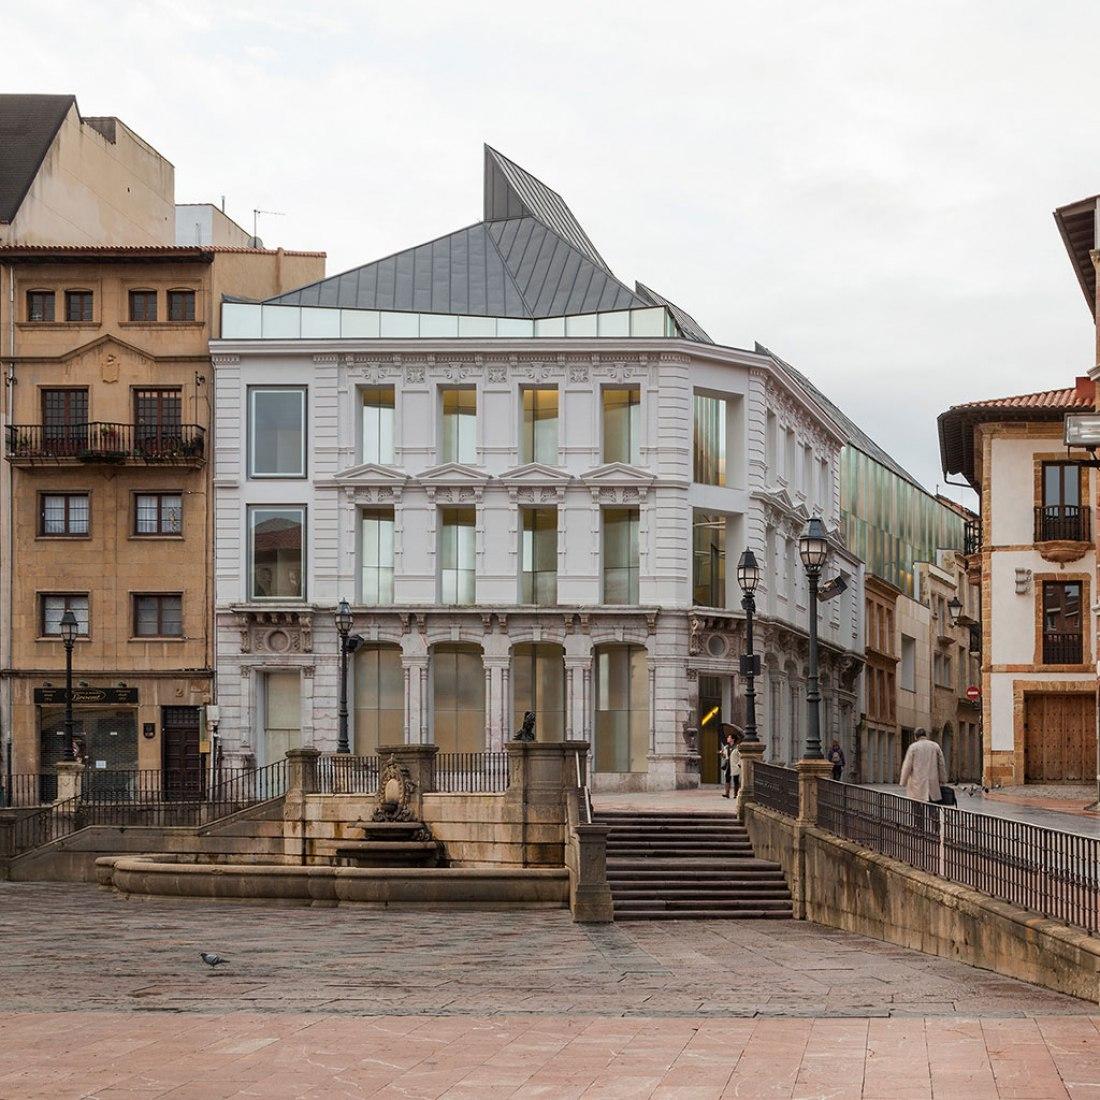 Surroundings. Fine Arts Museum of Asturias by Francisco Mangado. Photograph © Pedro Pegenaute.